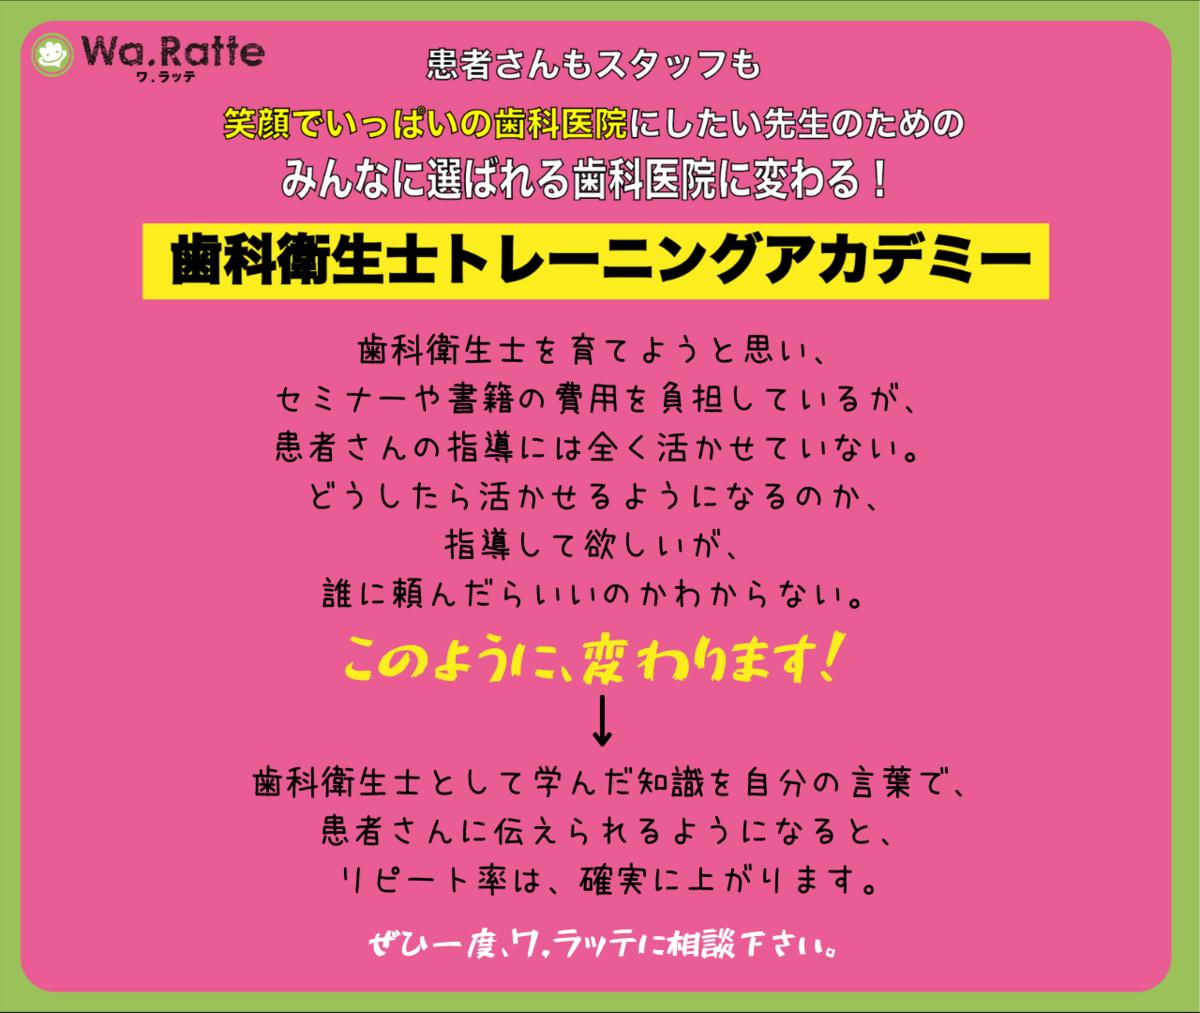 f:id:warattehamigaki:20210101091725p:plain